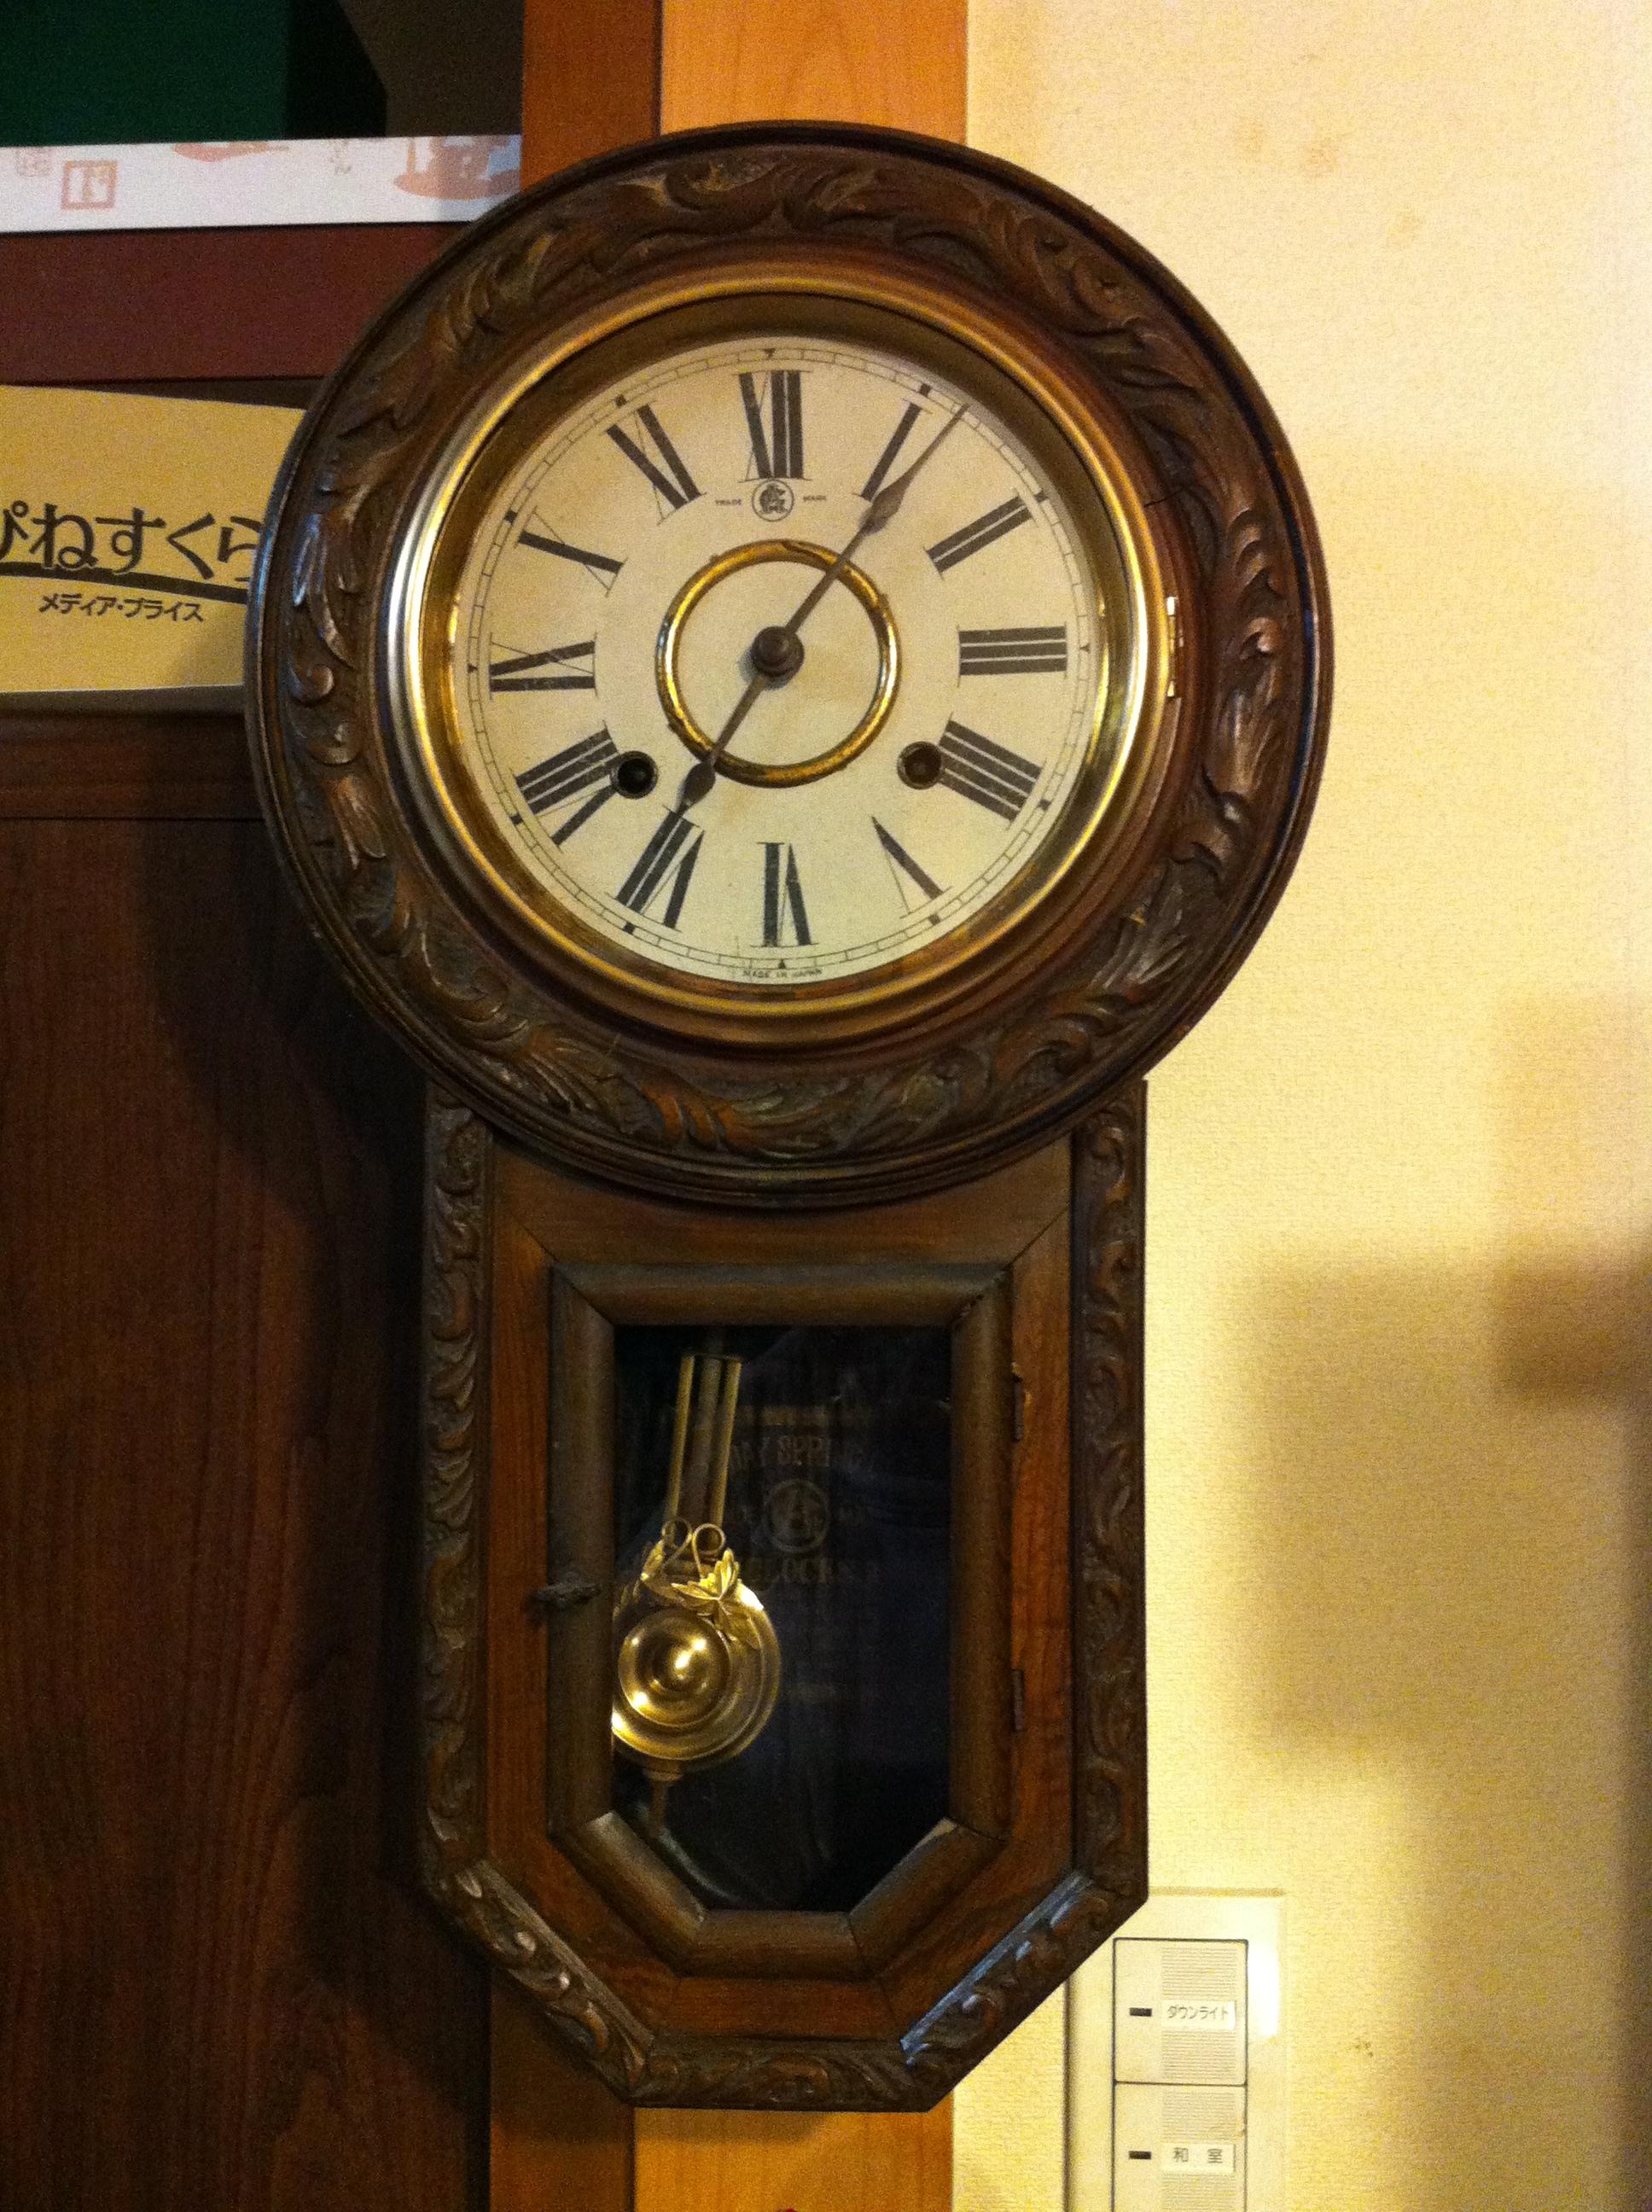 緑由】は骨董屋さんになった ... : 時間 時計 : すべての講義